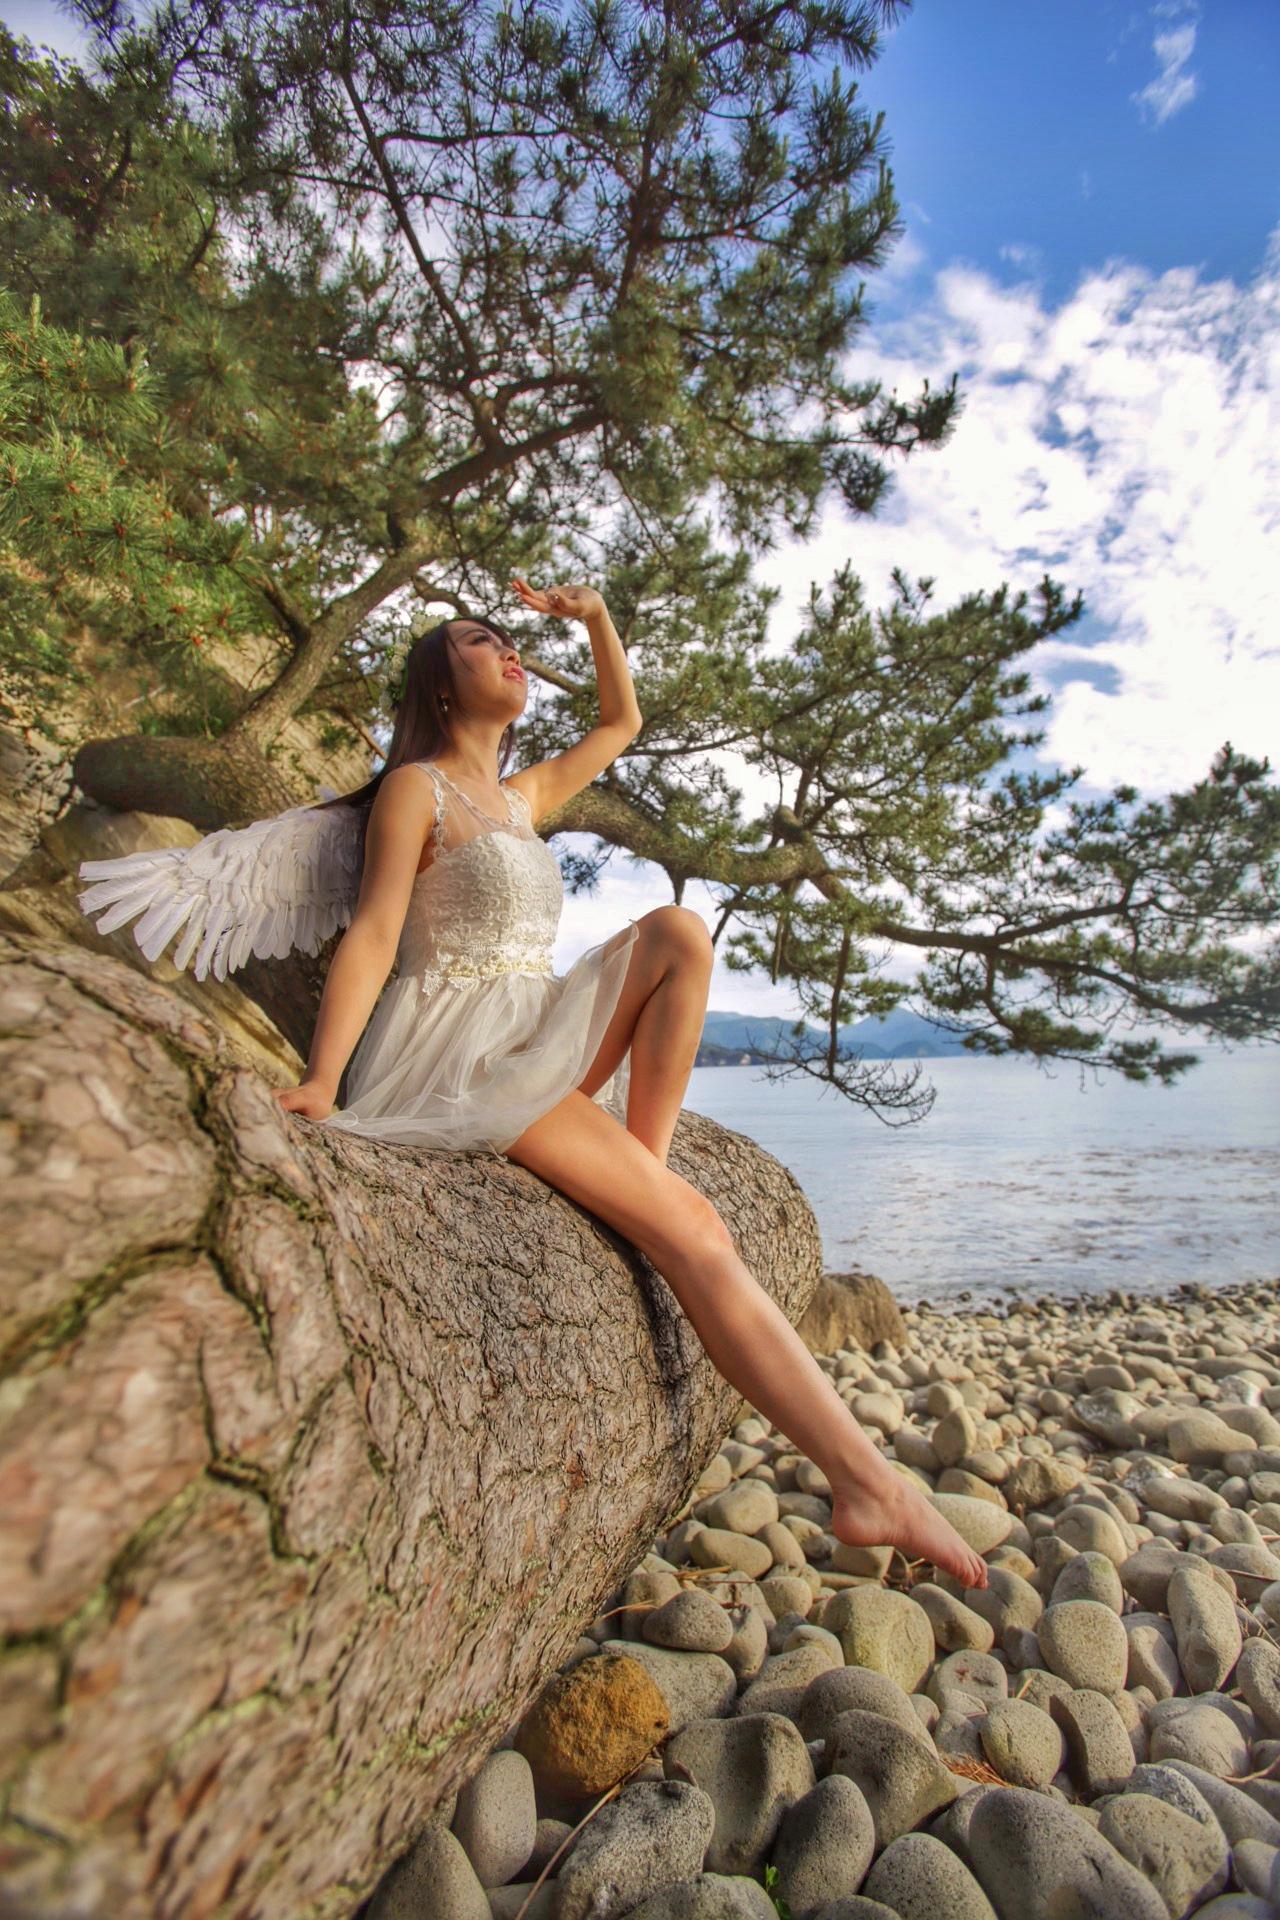 天使シリーズ